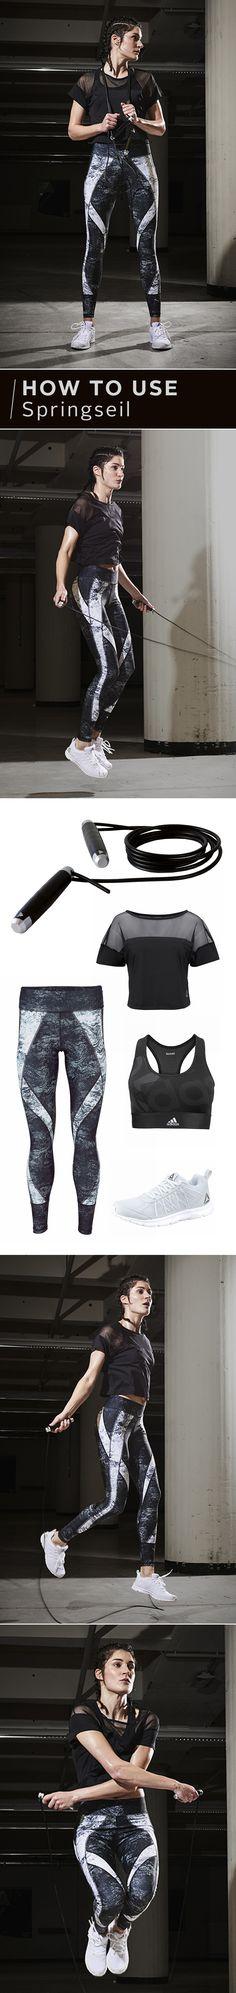 Ob Hardcore-Athlet oder Hobbysportler: Seilspringen ist dein effektives Training für den ganzen Körper! Hier findest du alles, was adidas Performance, Puma und Reebok für dein Spring-tastisches Workout zu bieten haben!